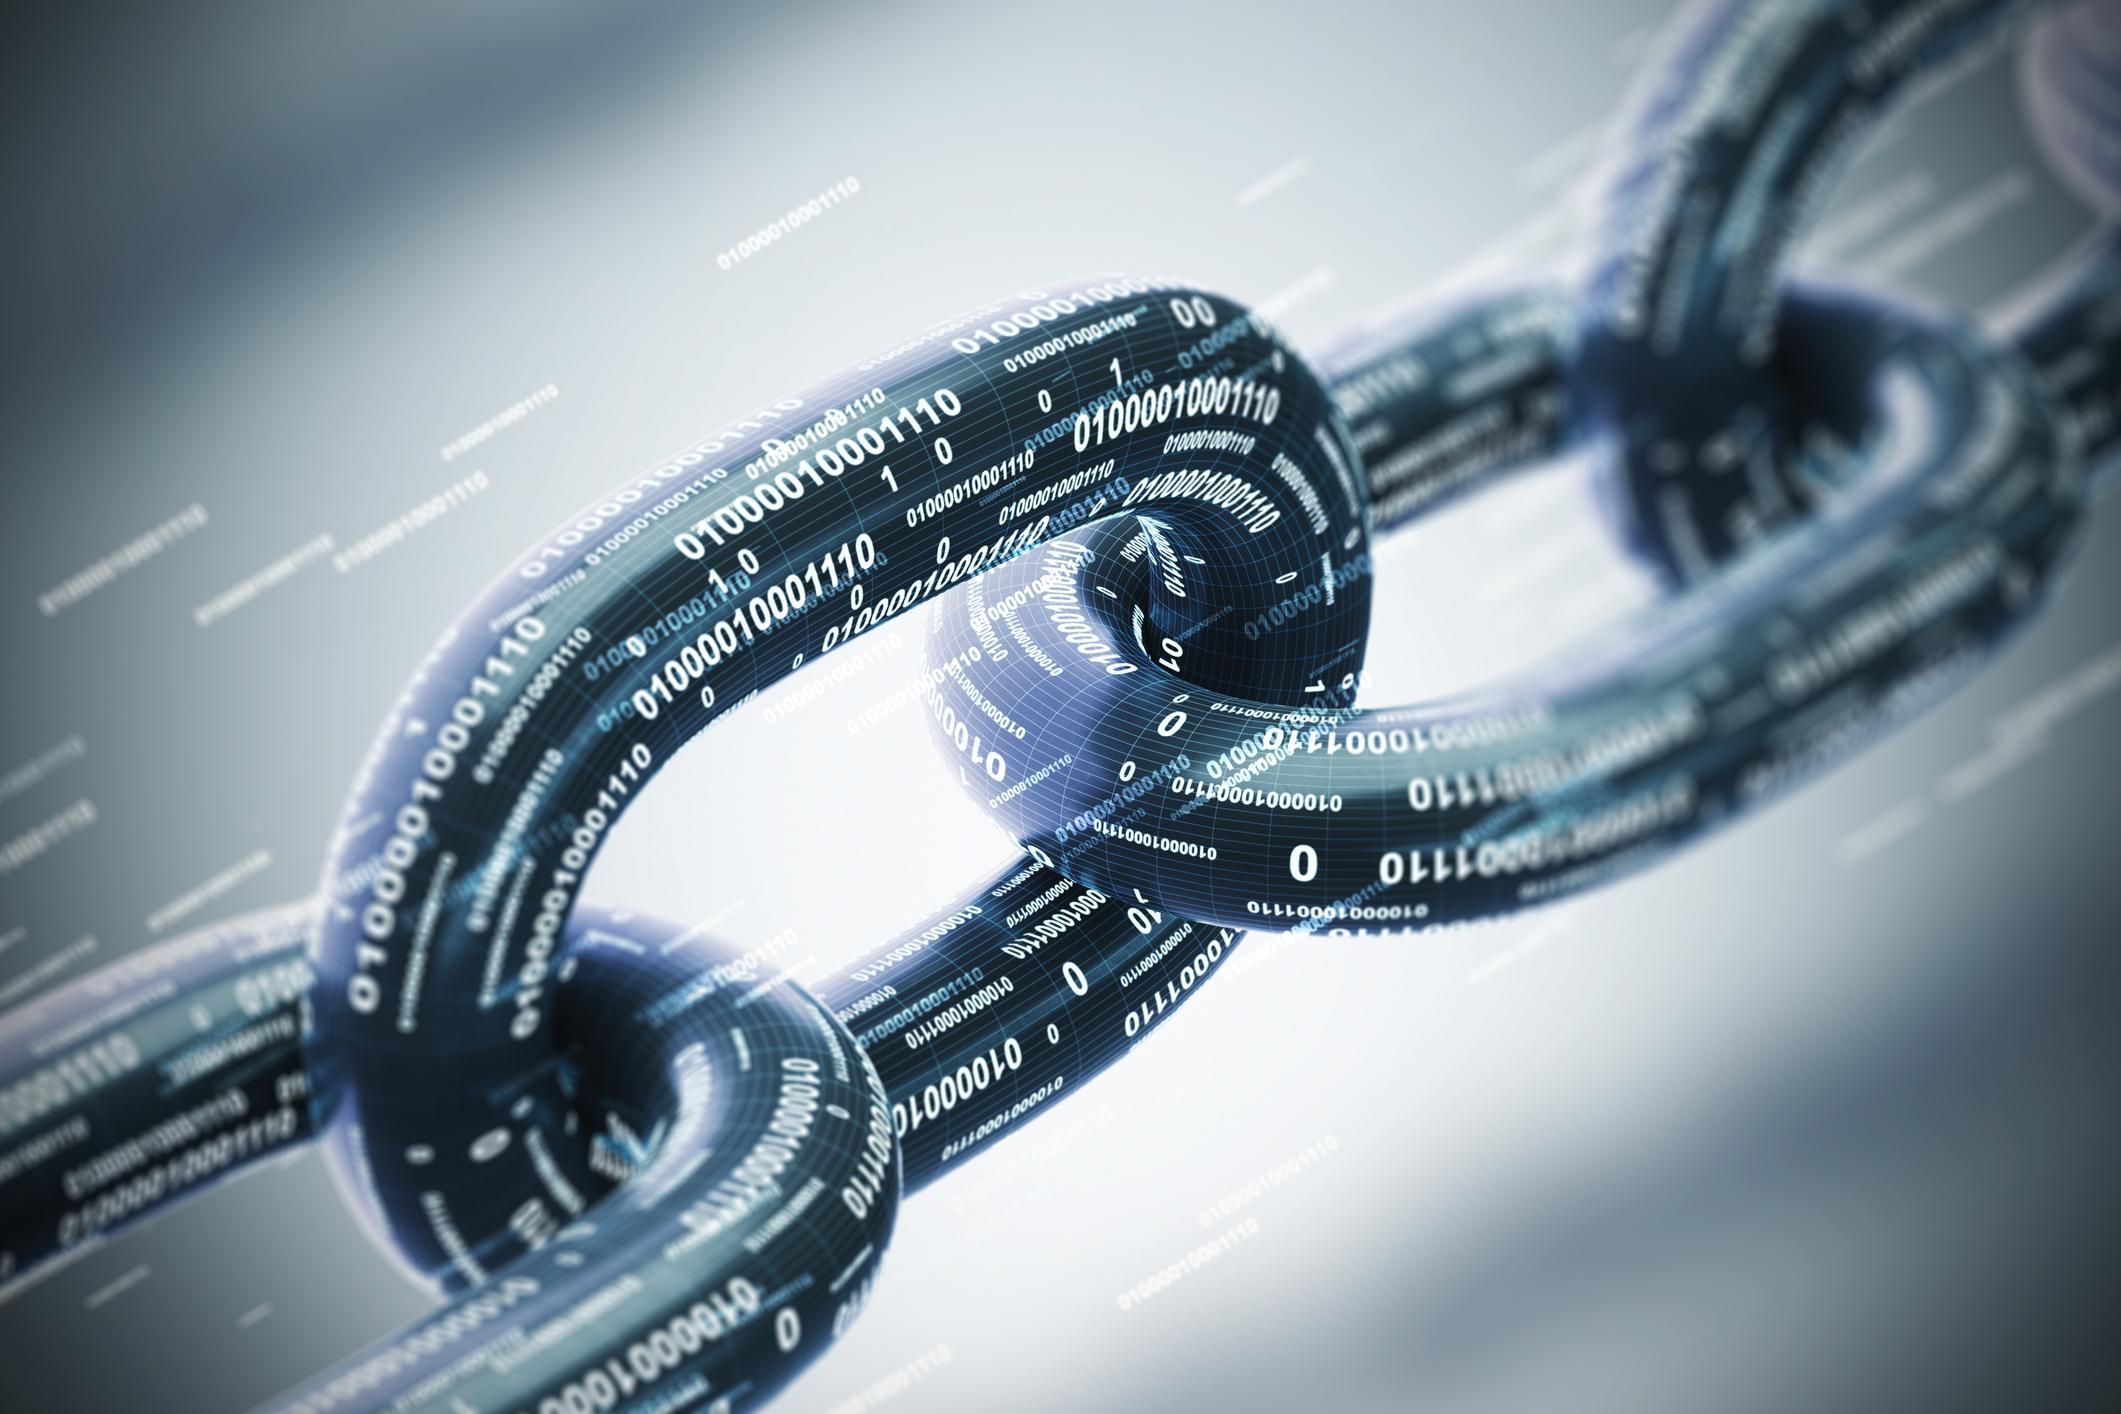 Tehnologia blockchain este privită cu mare optimism în industria aeronautică